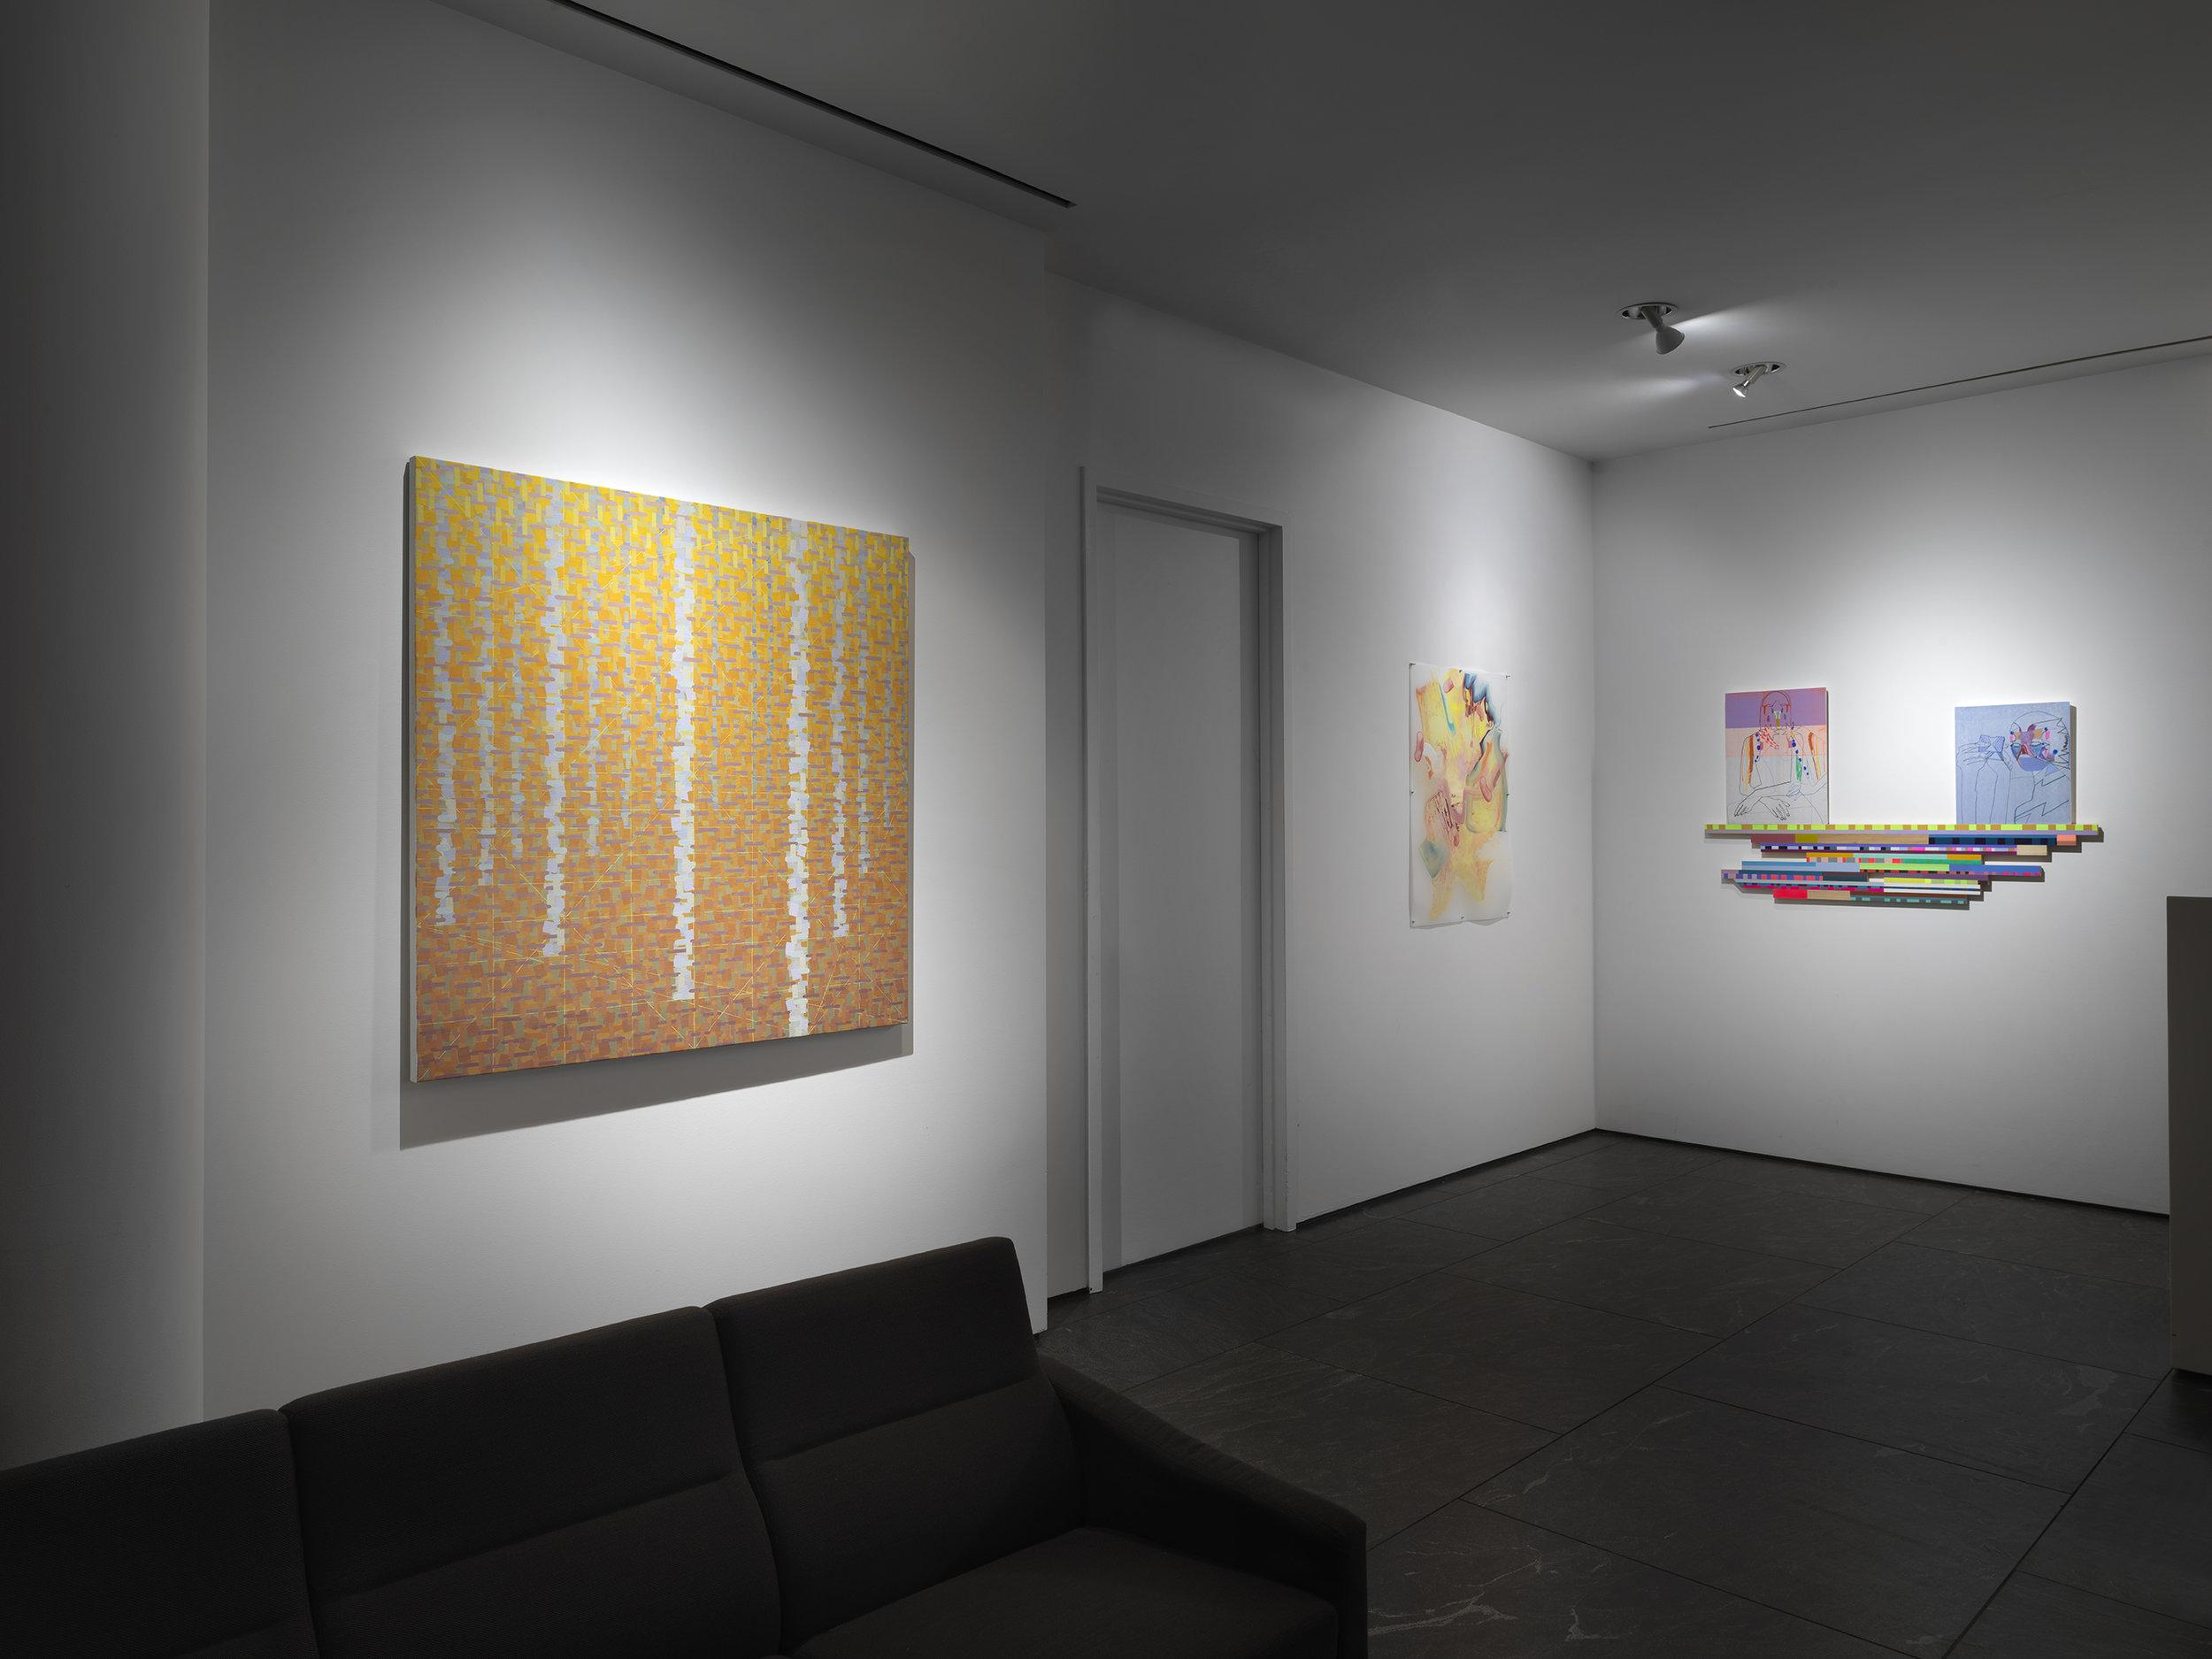 1 Gap Gallery_Sense of Place_May-August 2019_0046.jpg